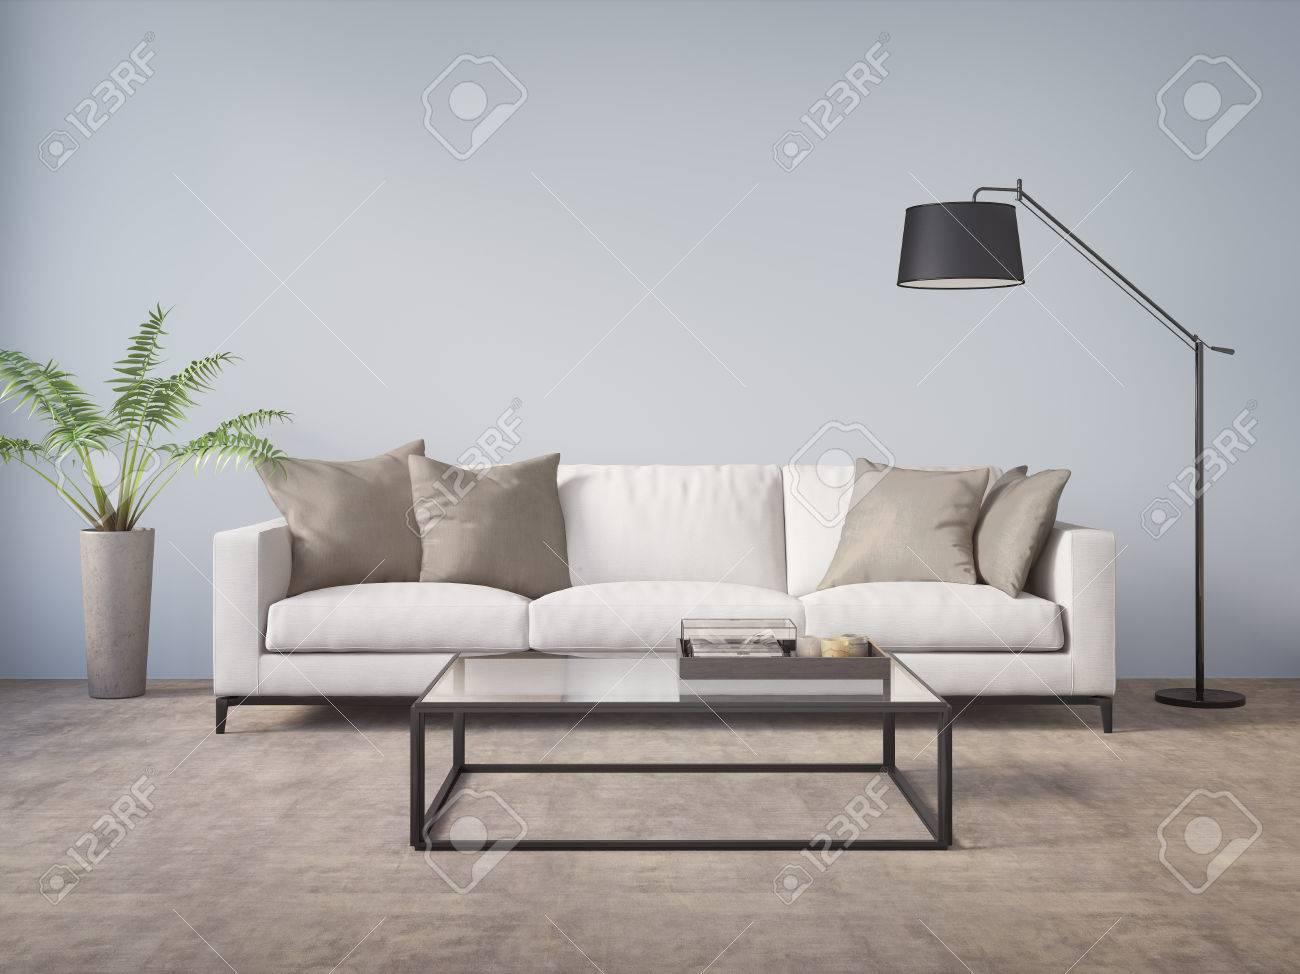 Full Size of Sofa Dreisitzer Big Poco Alcantara Rund Schillig Stilecht Tom Tailor Wk Mit Verstellbarer Sitztiefe Barock 2 5 Sitzer Sofa Modernes Sofa